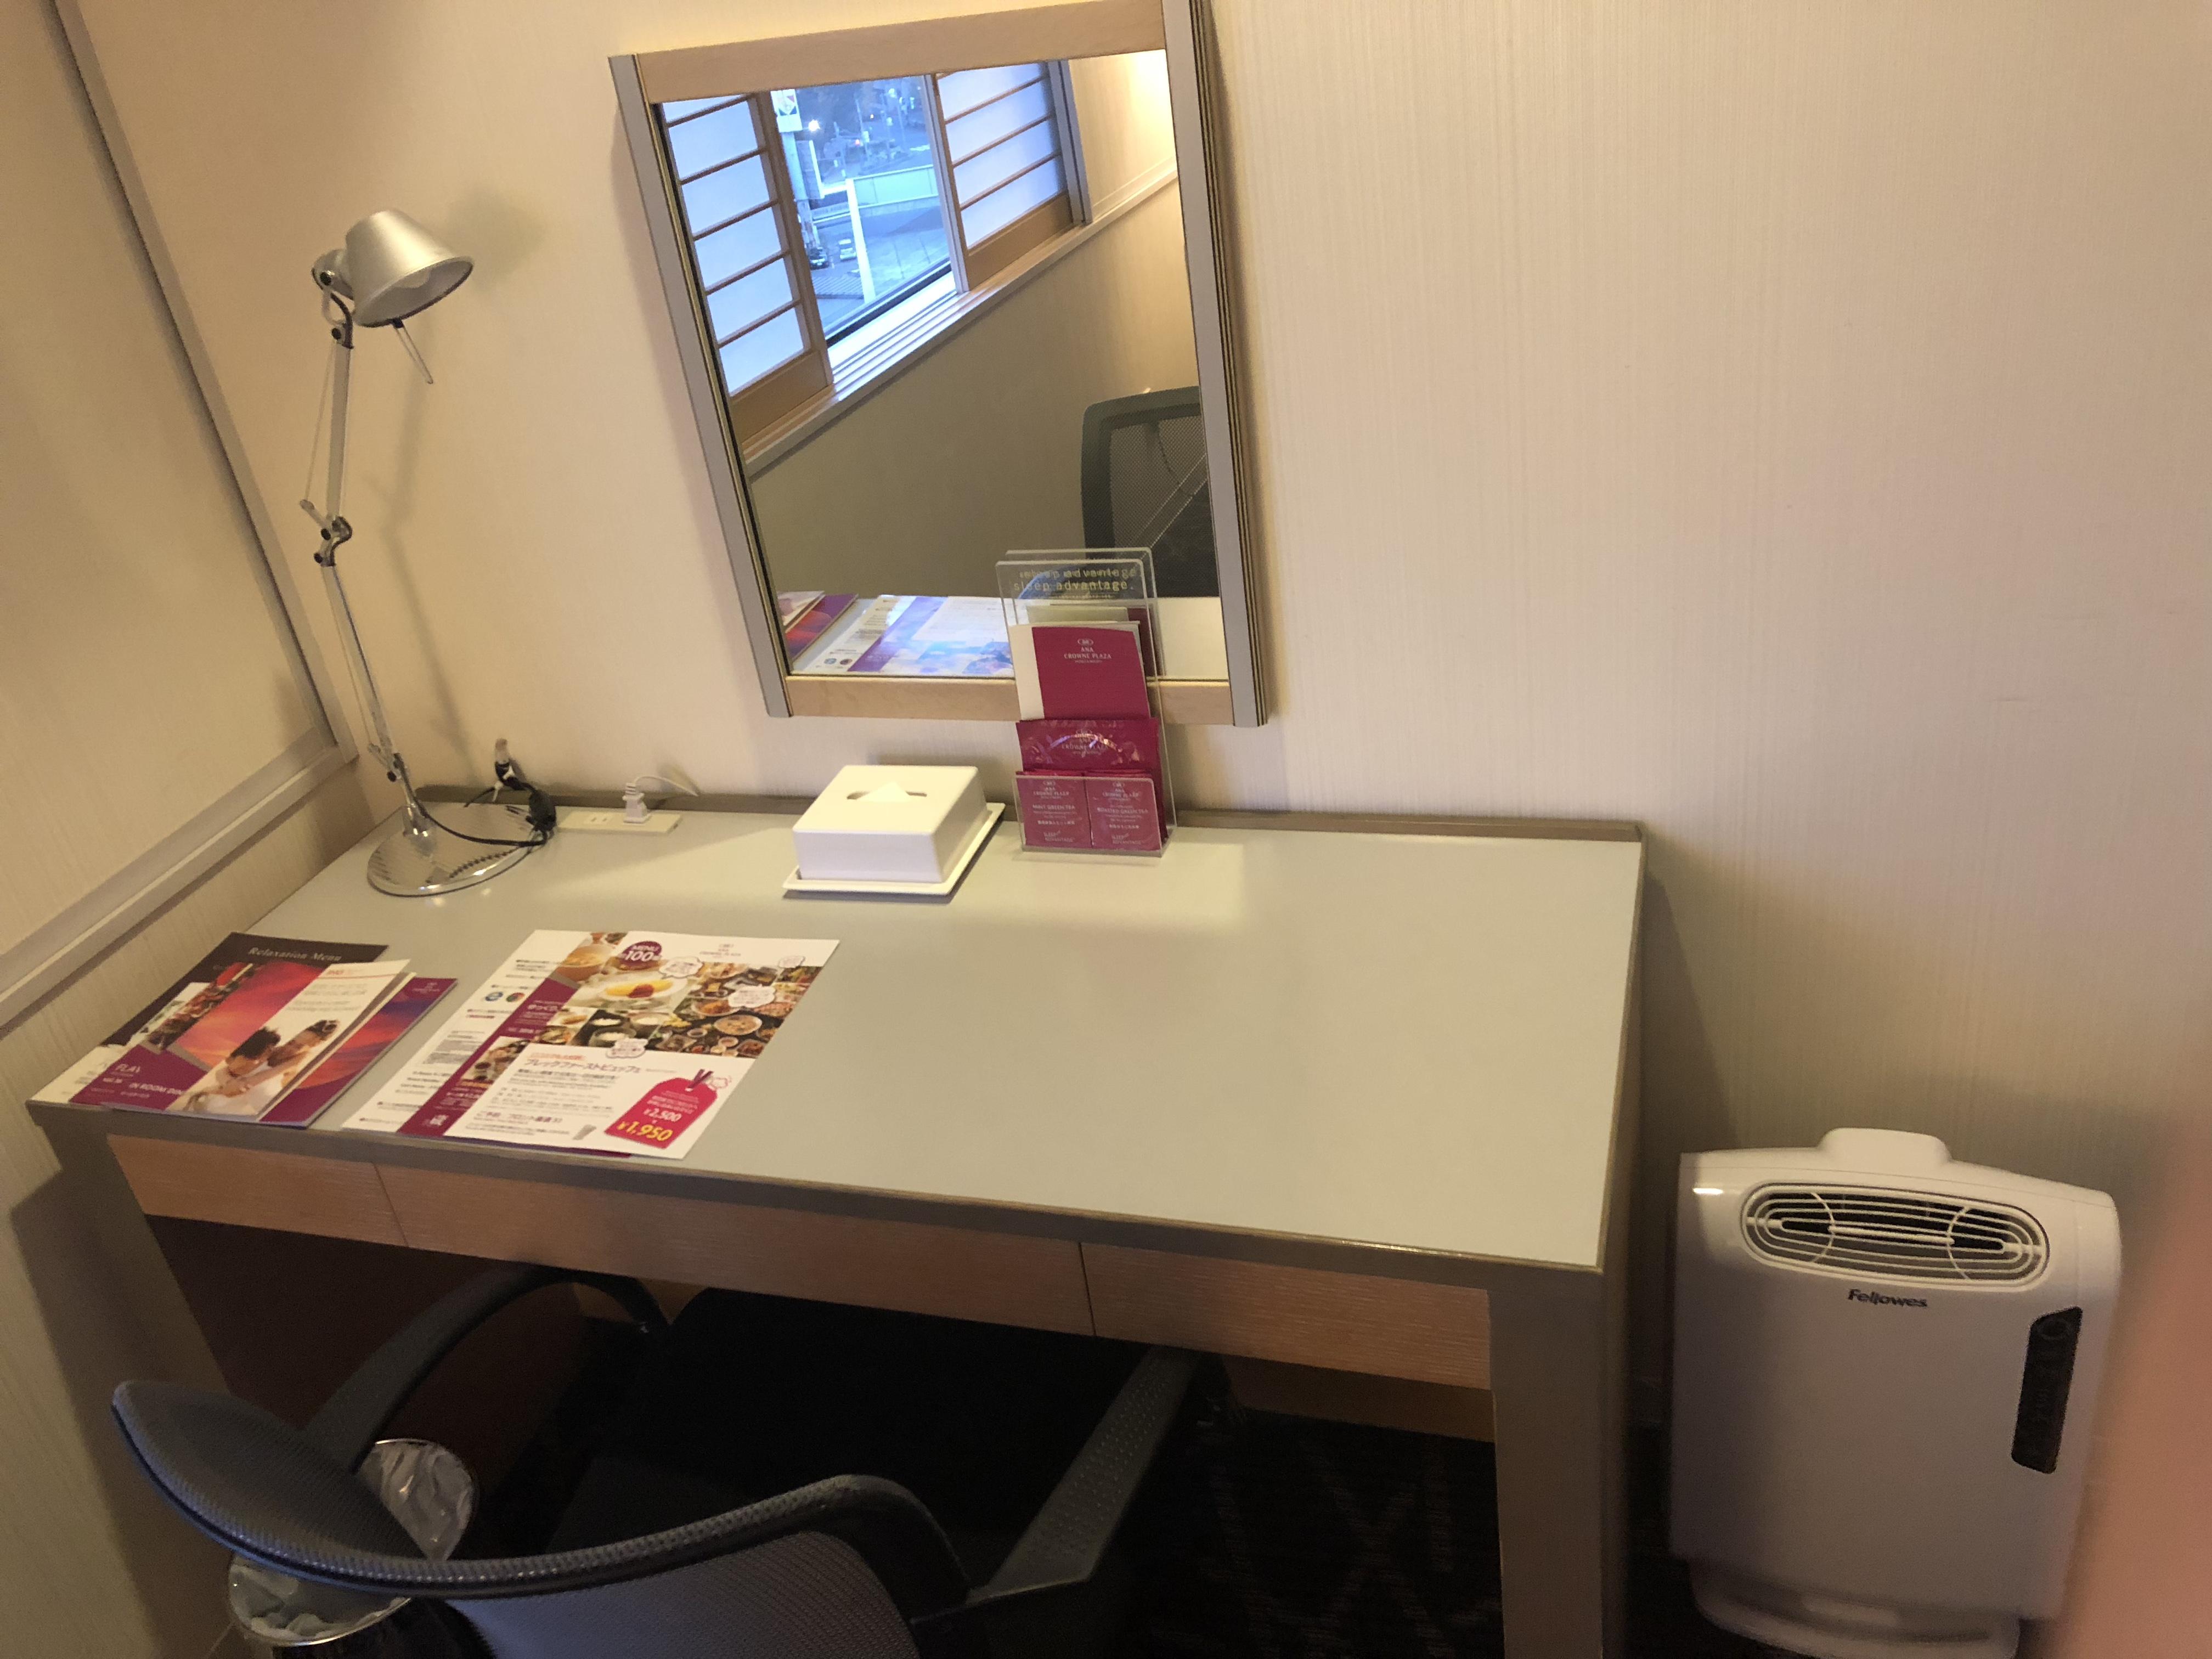 鏡と机と空気清浄機の写真